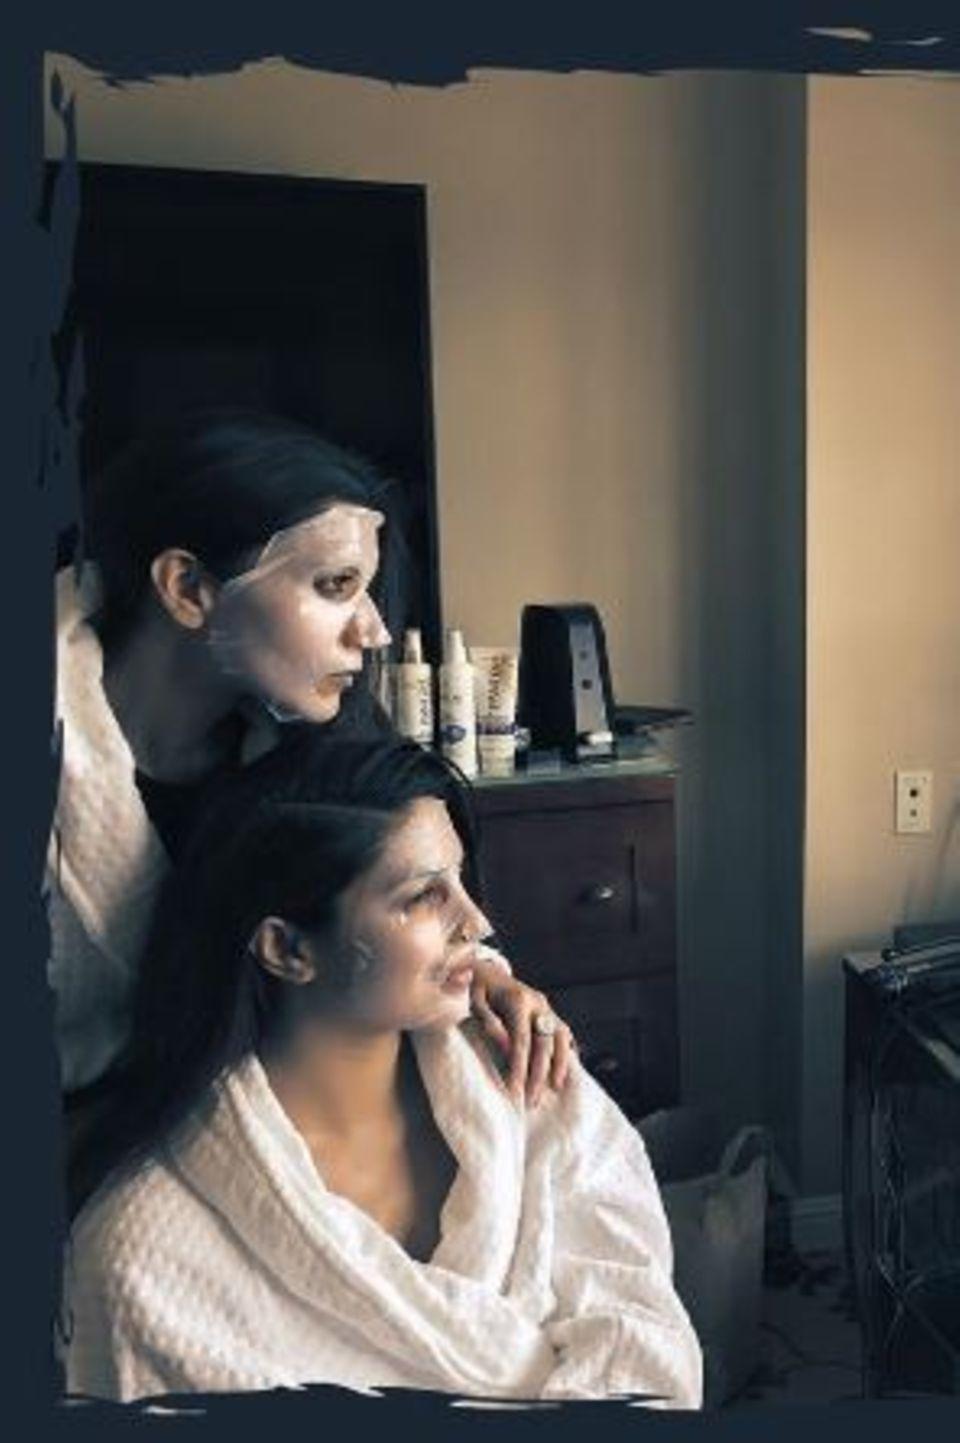 Bevor es an Foundation und Co. geht, spendet Priyanka Chopra ihrer Haut noch einmal genug Feuchtigkeit mit einer Maske.